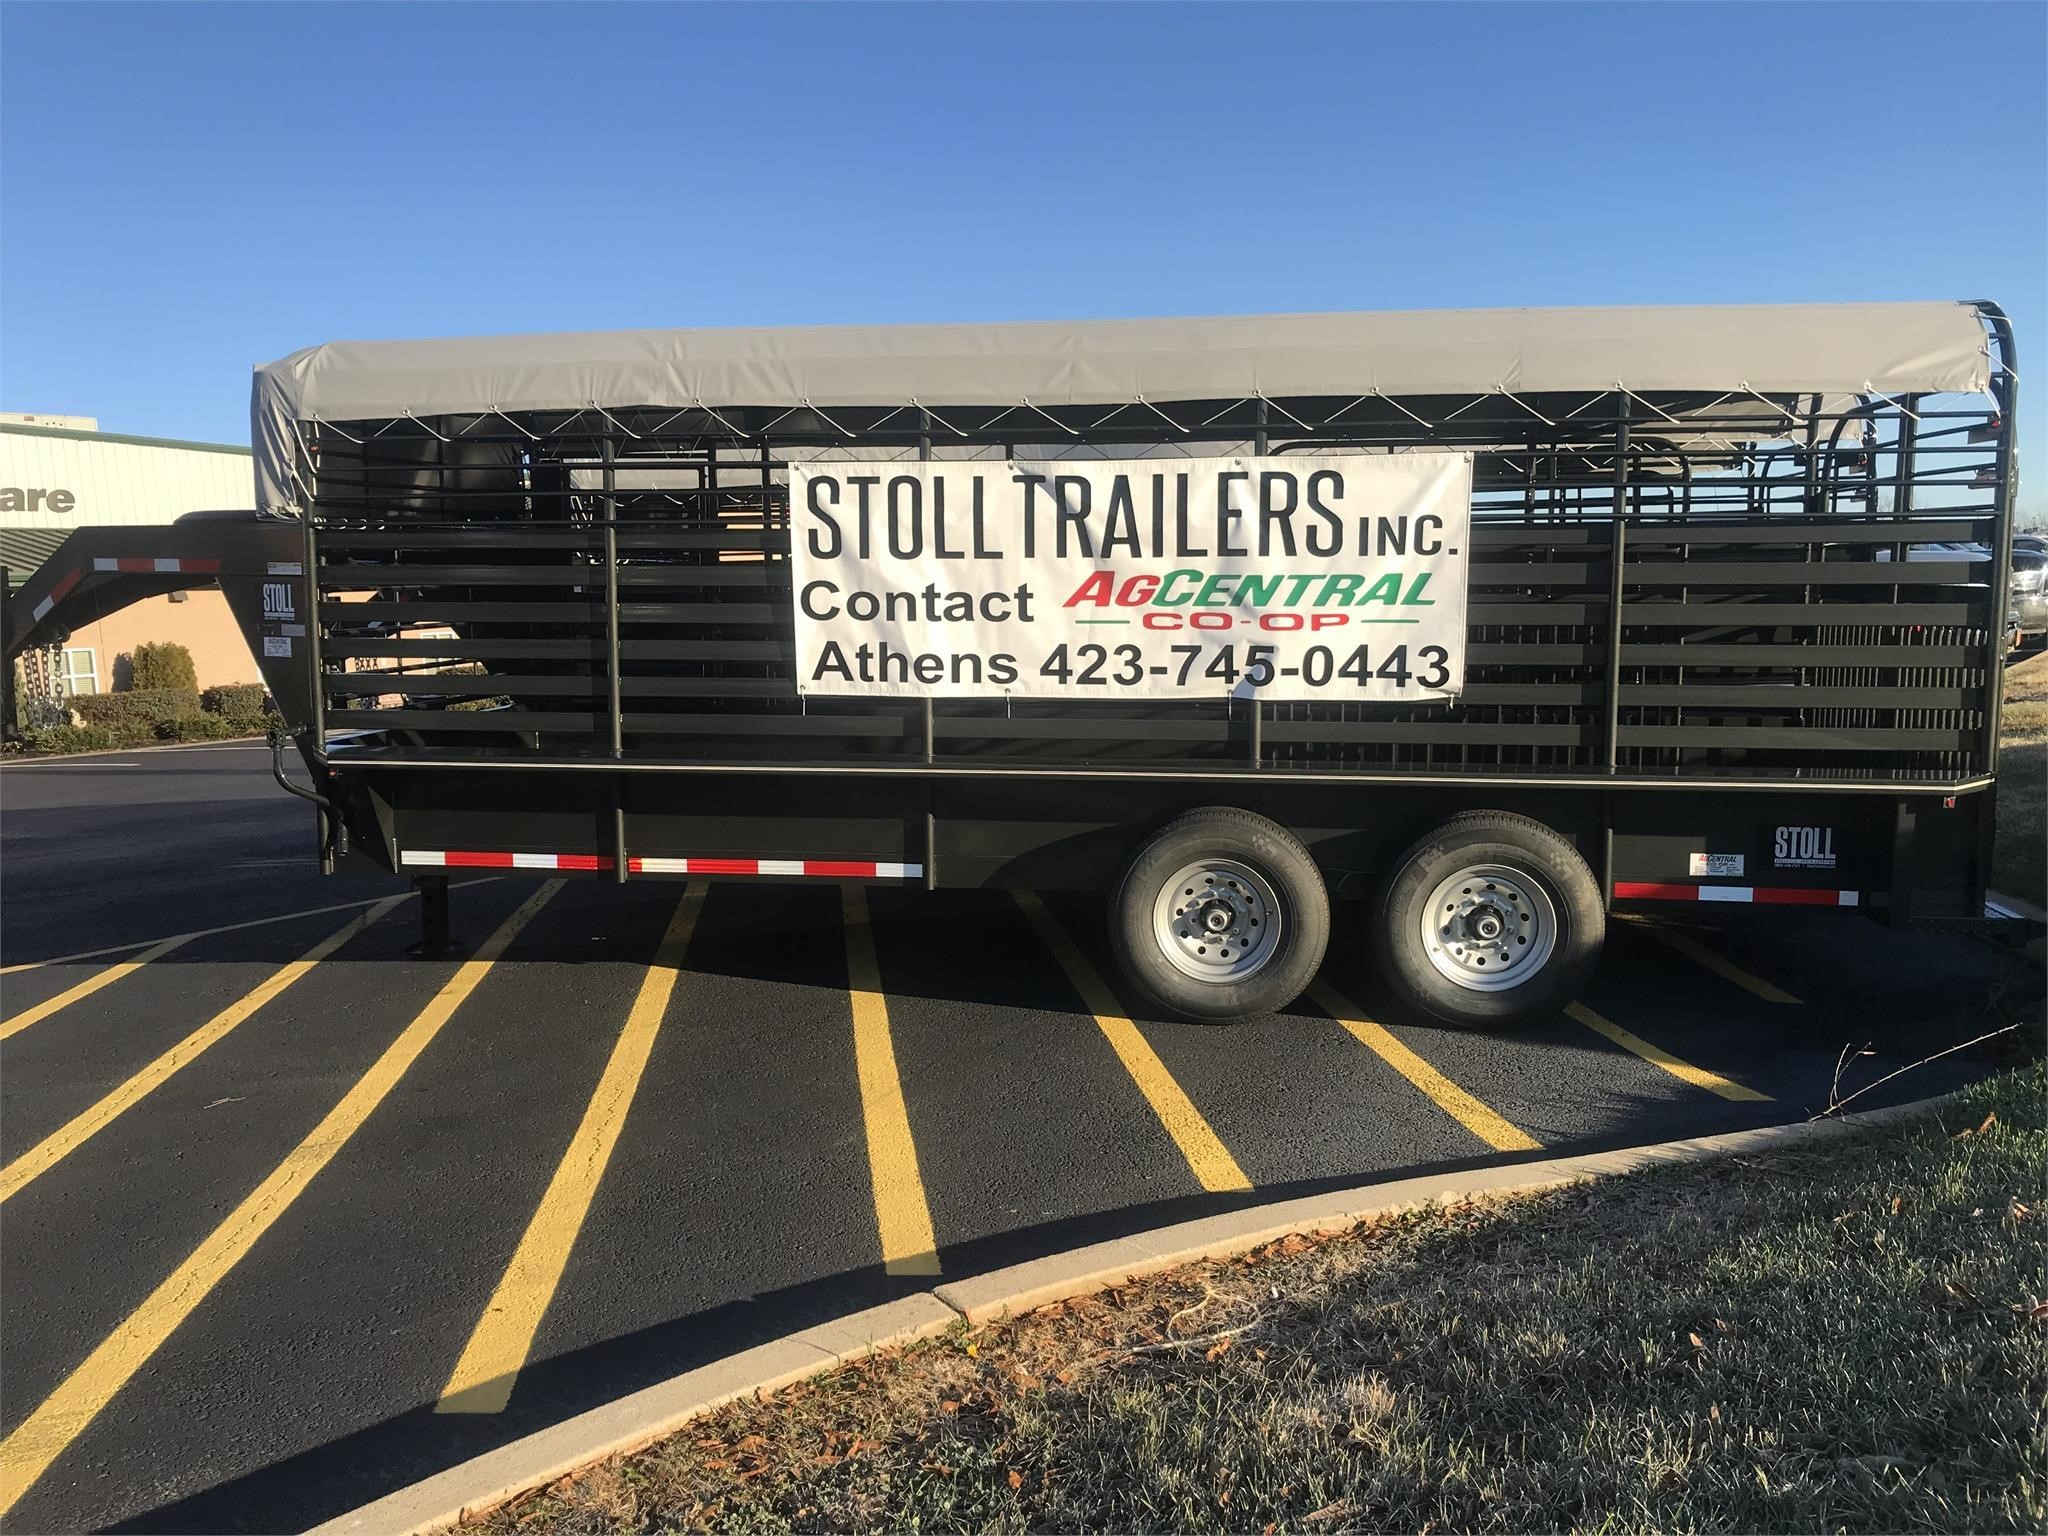 2021 Stoll 6.5FT X 24FT Livestock Trailer